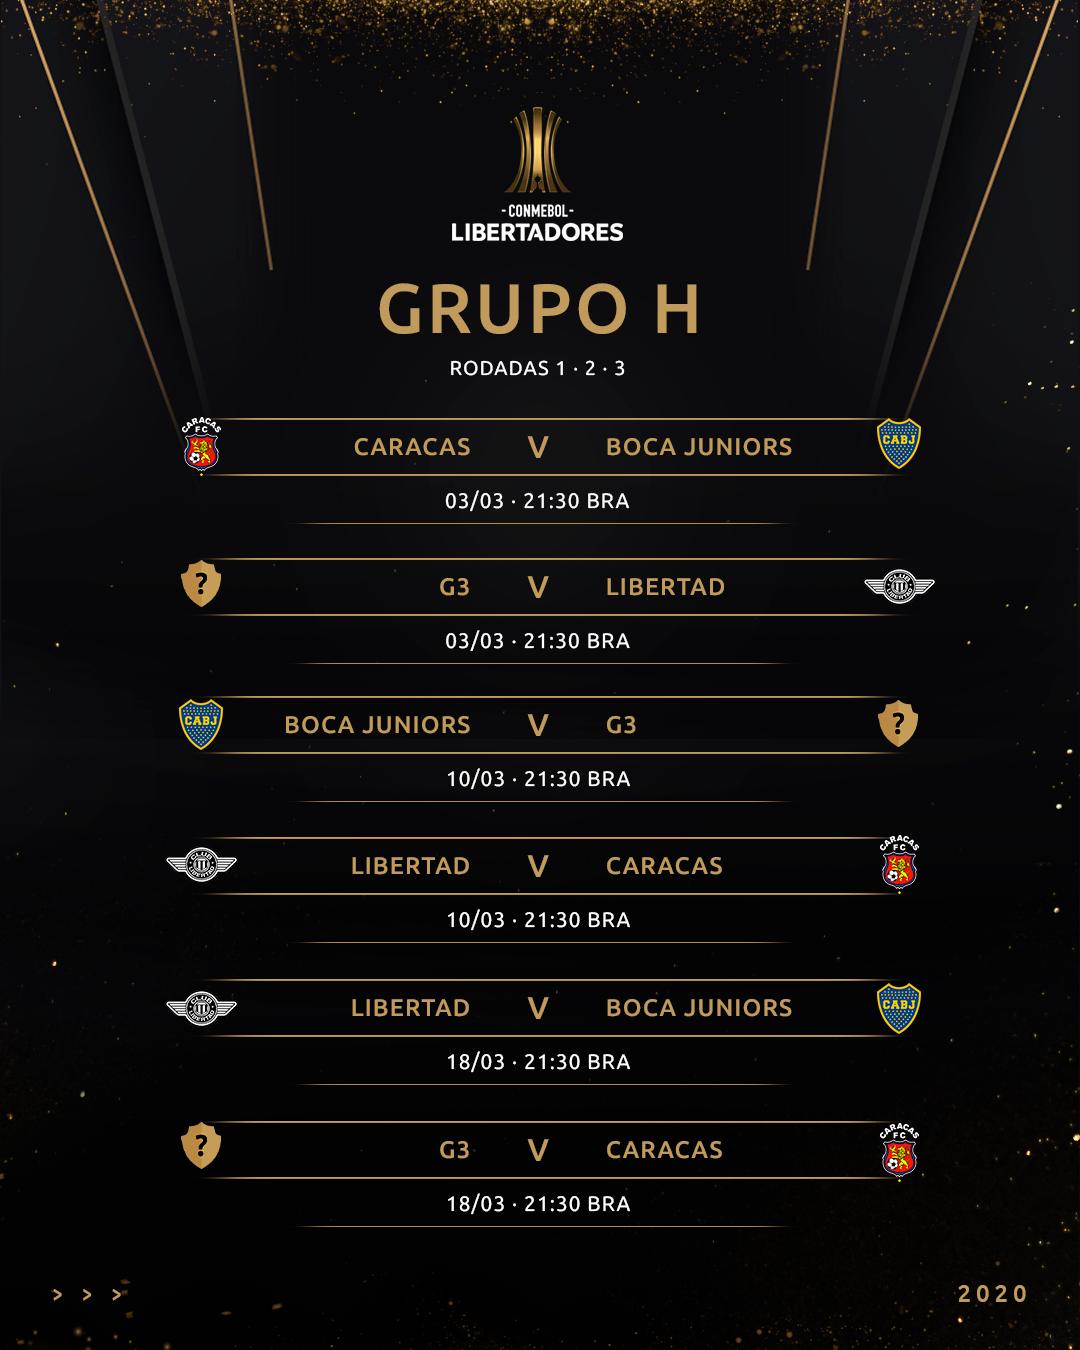 Grupo H Libertadores